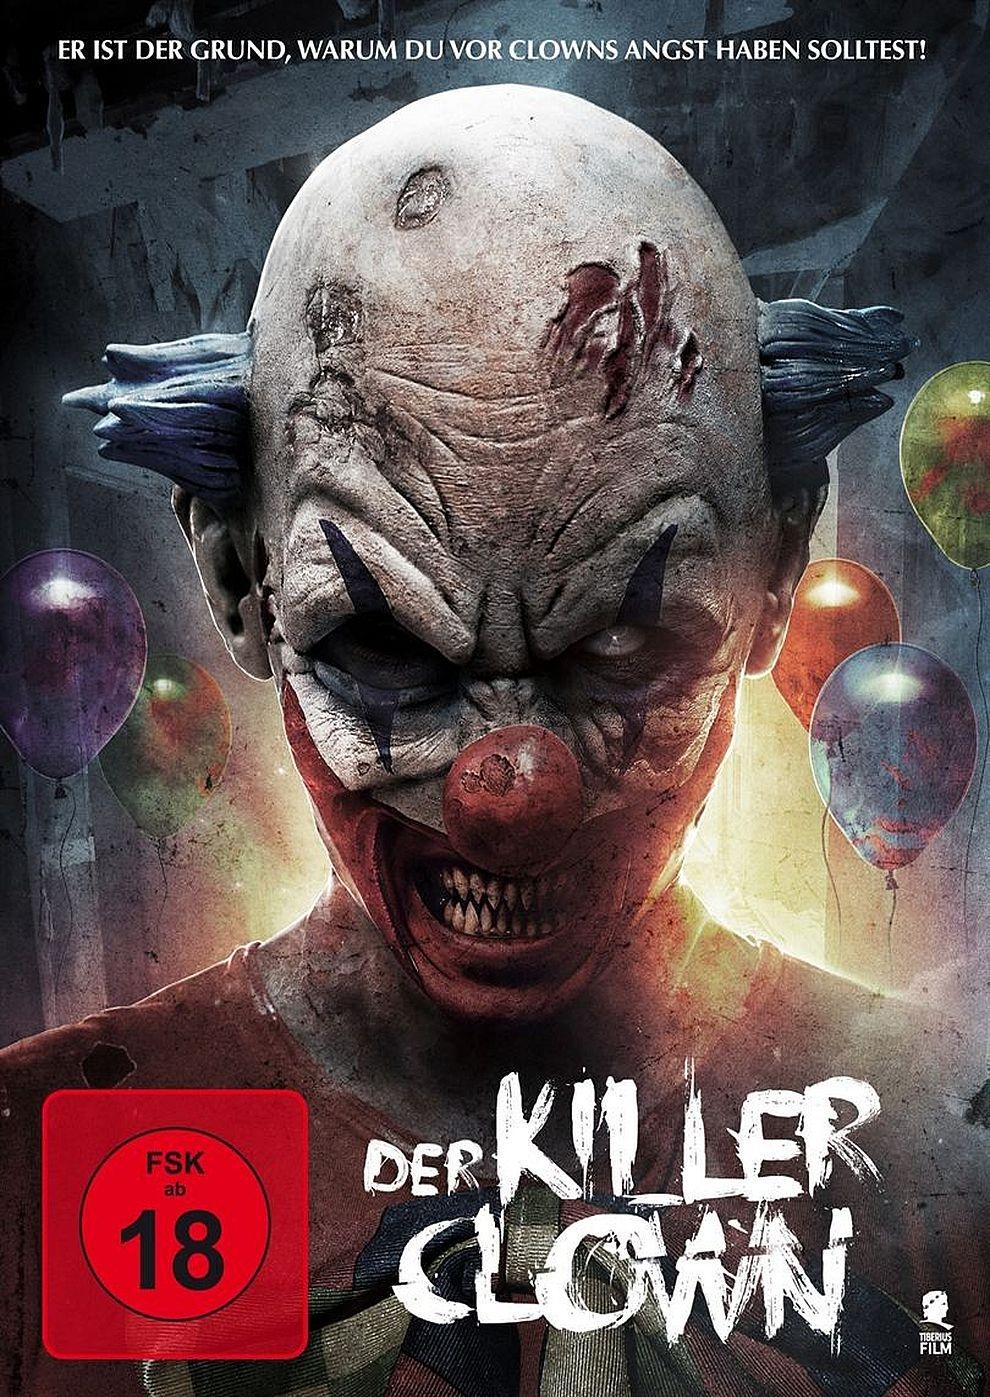 Der Killerclown (Poster)